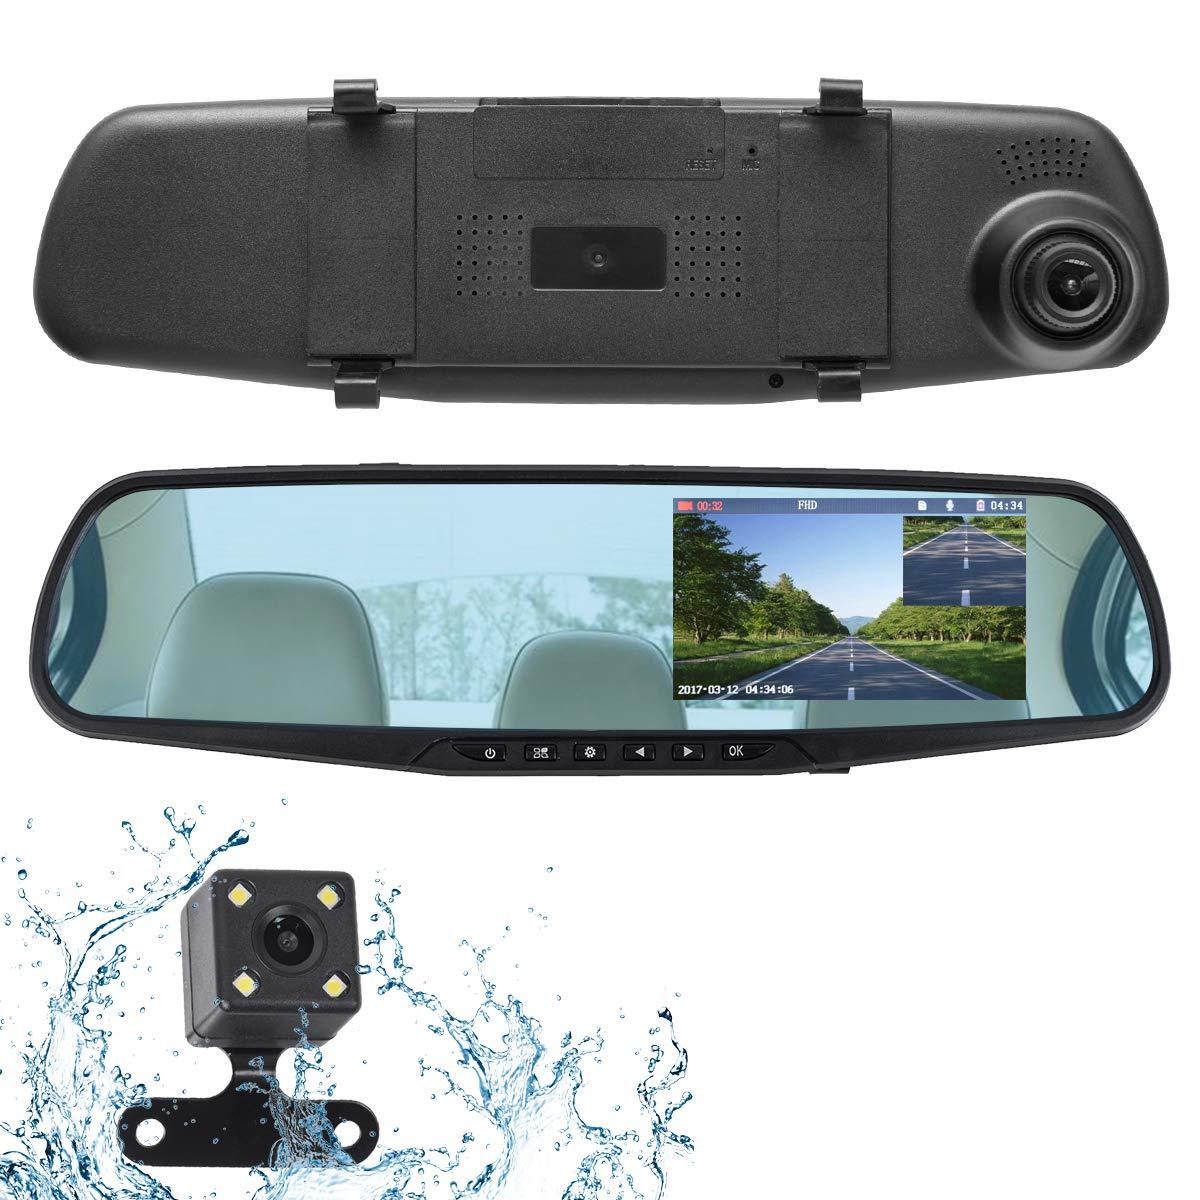 ドライブレコーダー 前後 カメラ 2カメラ バックカメラ ミラー 駐車監視 ステッカー 後方 シール ミラー型 一体型 動体検知 人気 送料無料